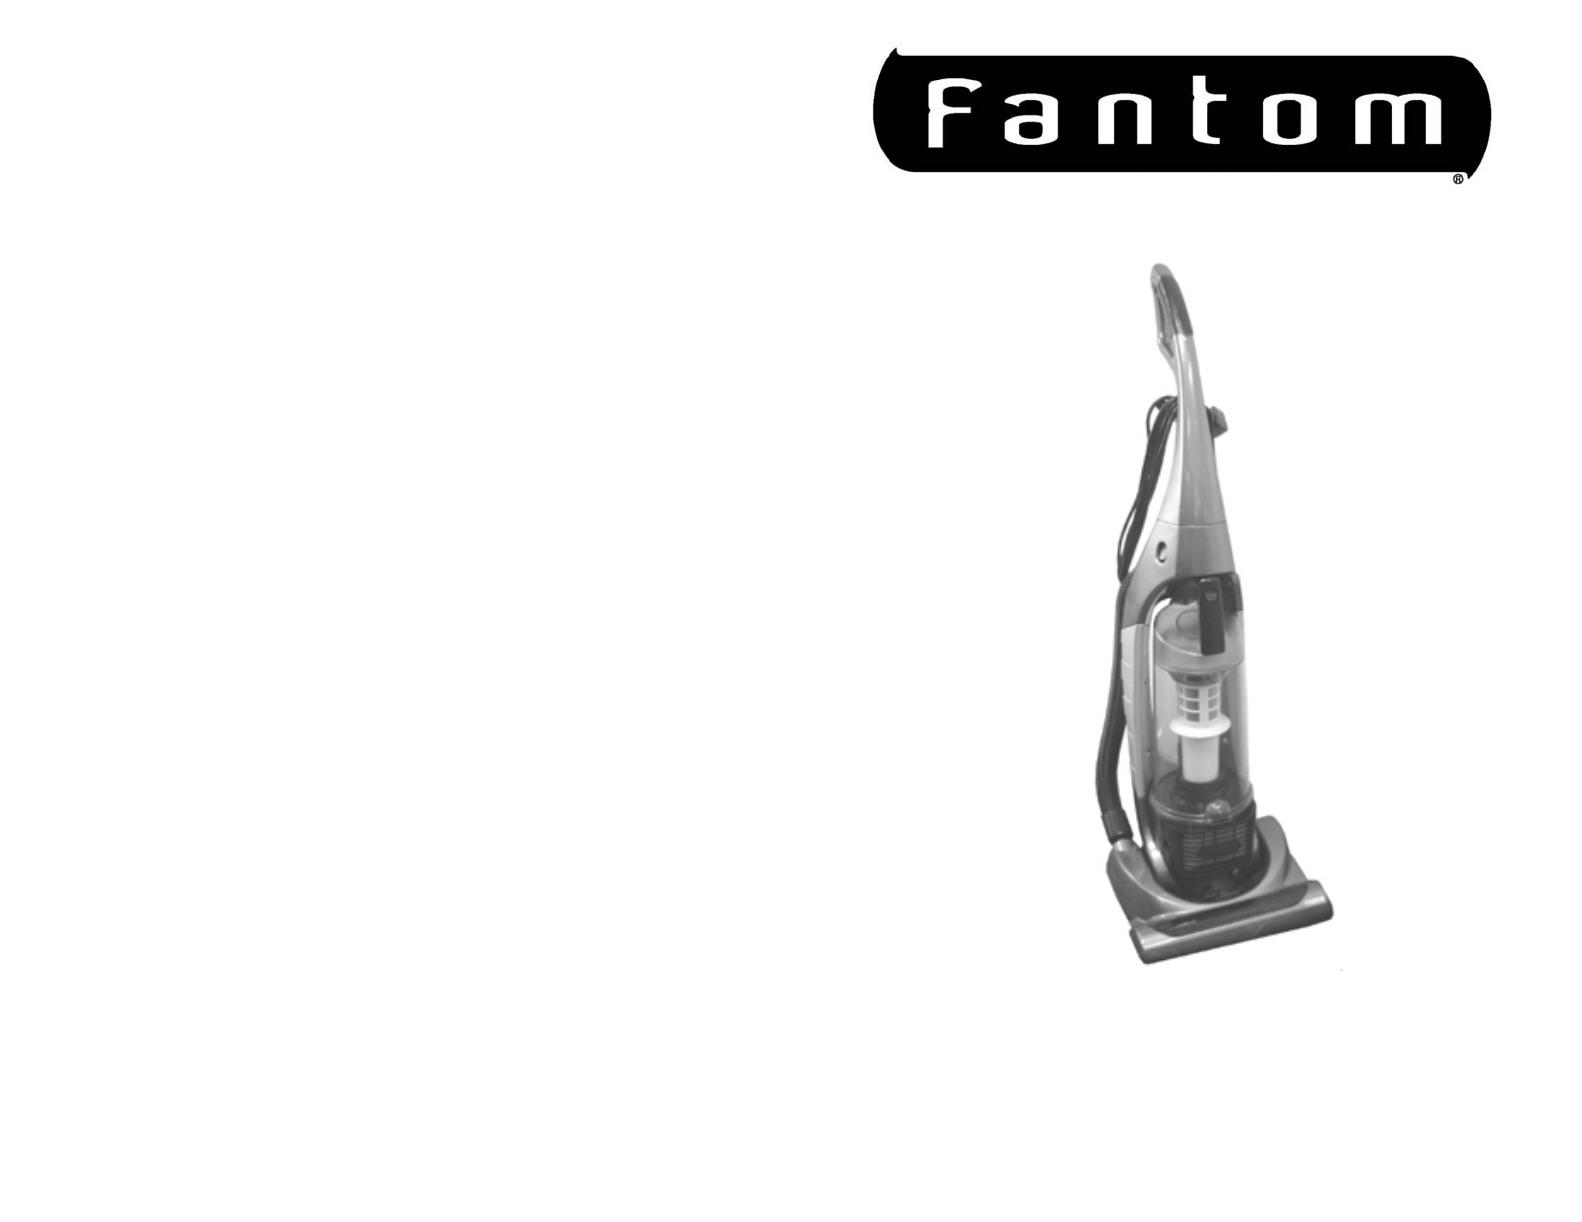 Fantom Upright Vacuum Cleaner